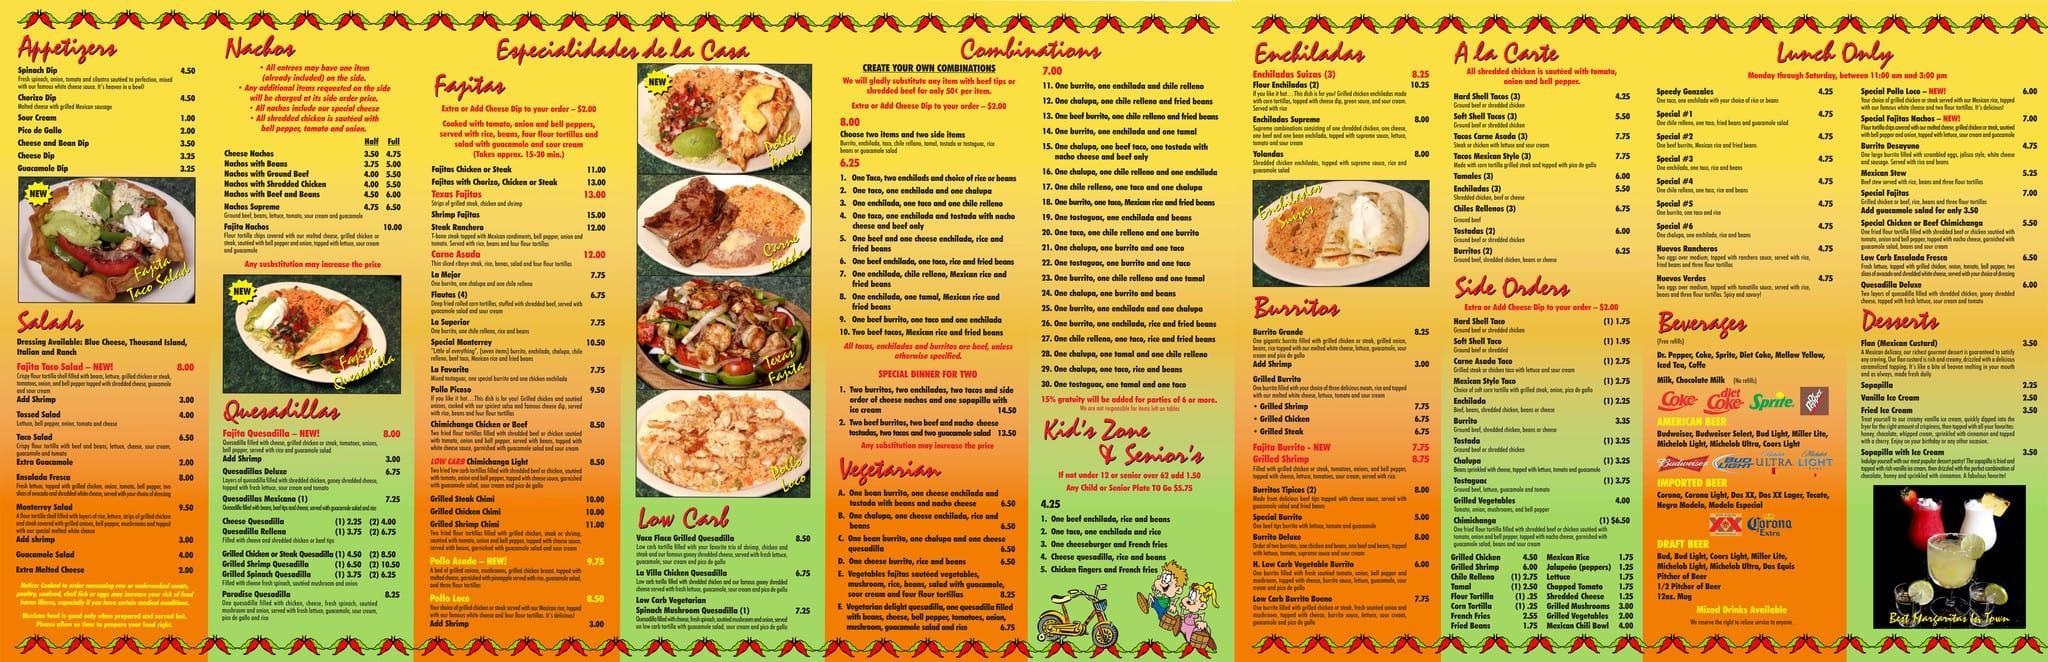 Mexican Restaurants Dinner Menu